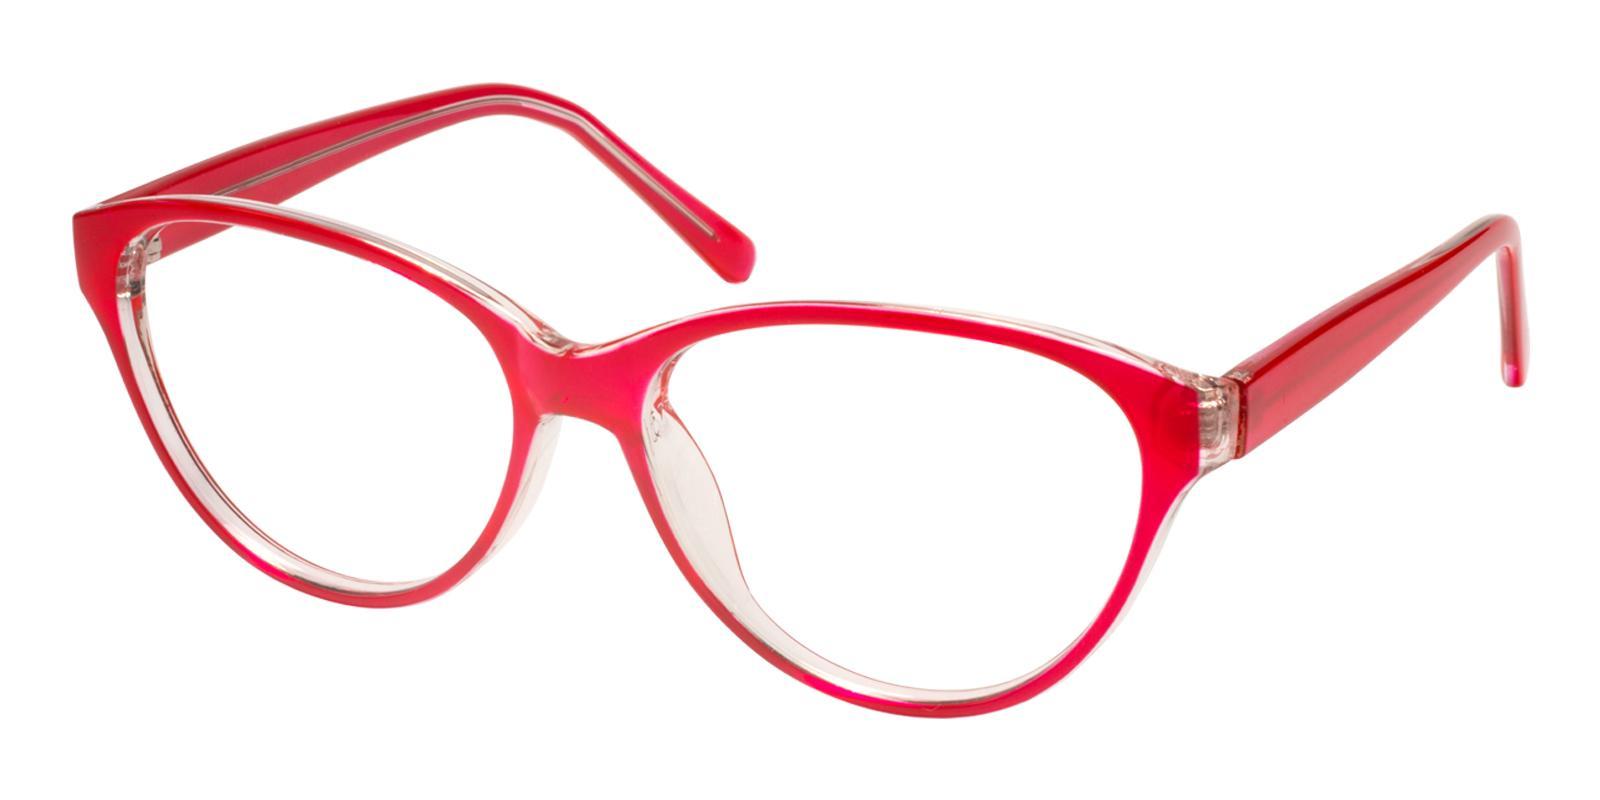 Flame Red Plastic Eyeglasses , UniversalBridgeFit Frames from ABBE Glasses